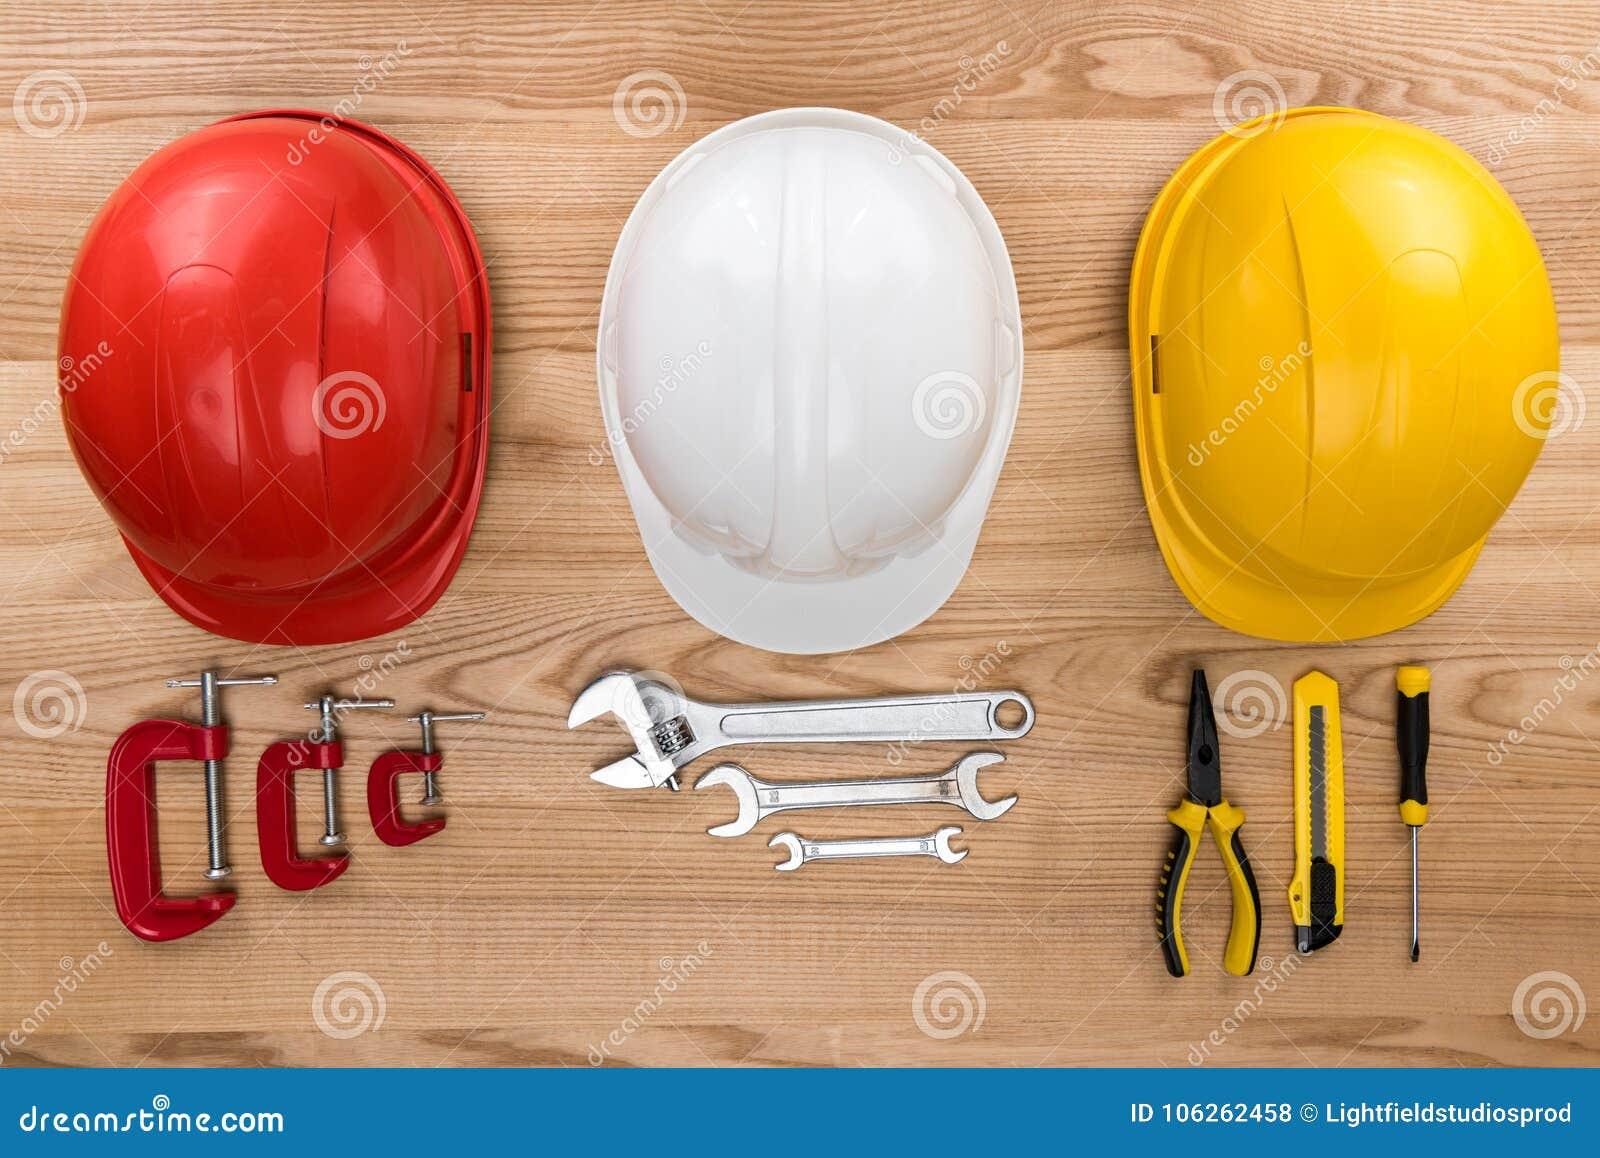 Защитные шлемы и инструменты reparement